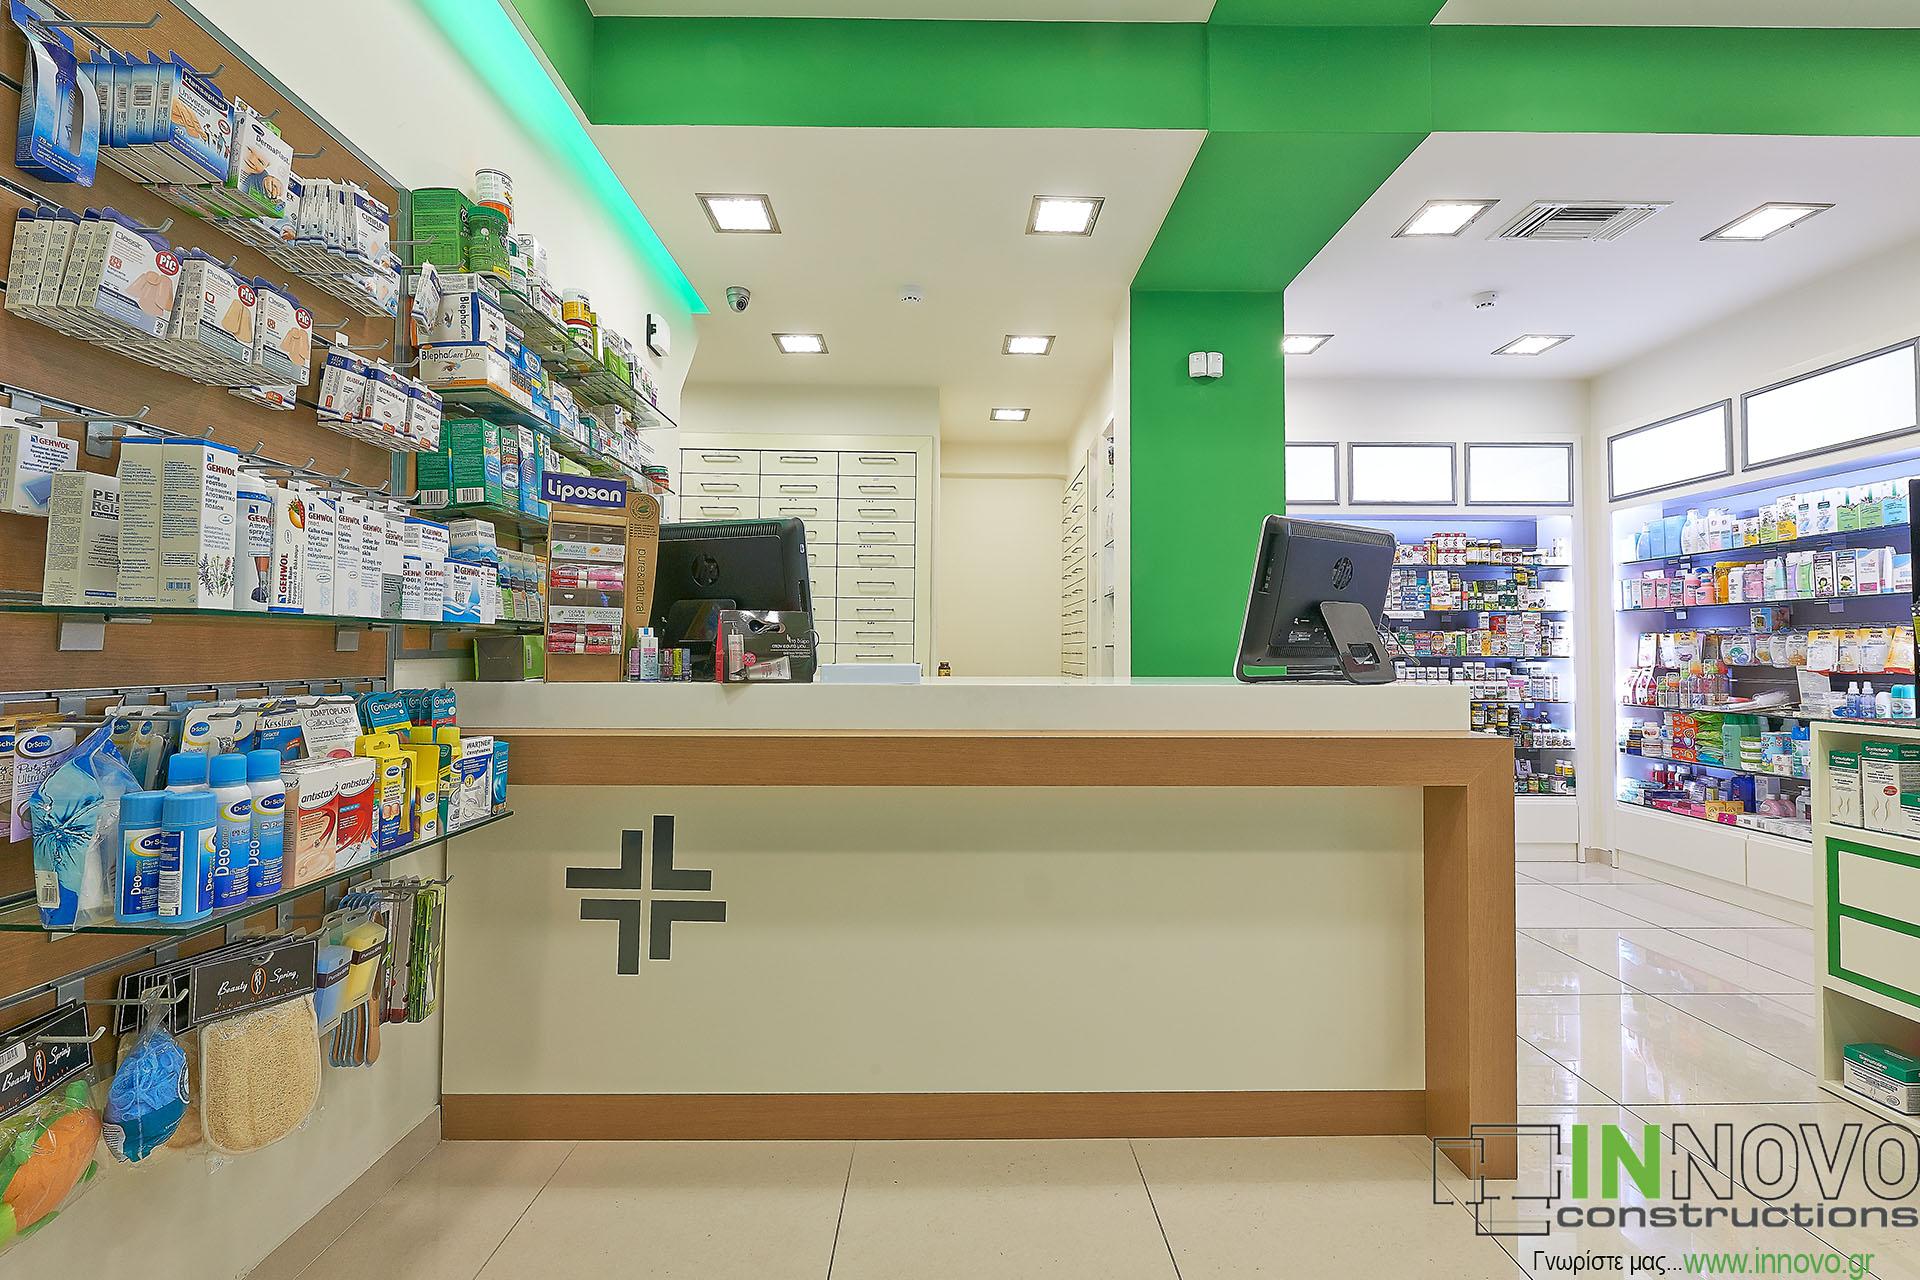 Κατασκευή νέου φαρμακείο περιοχή Κολωνάκι